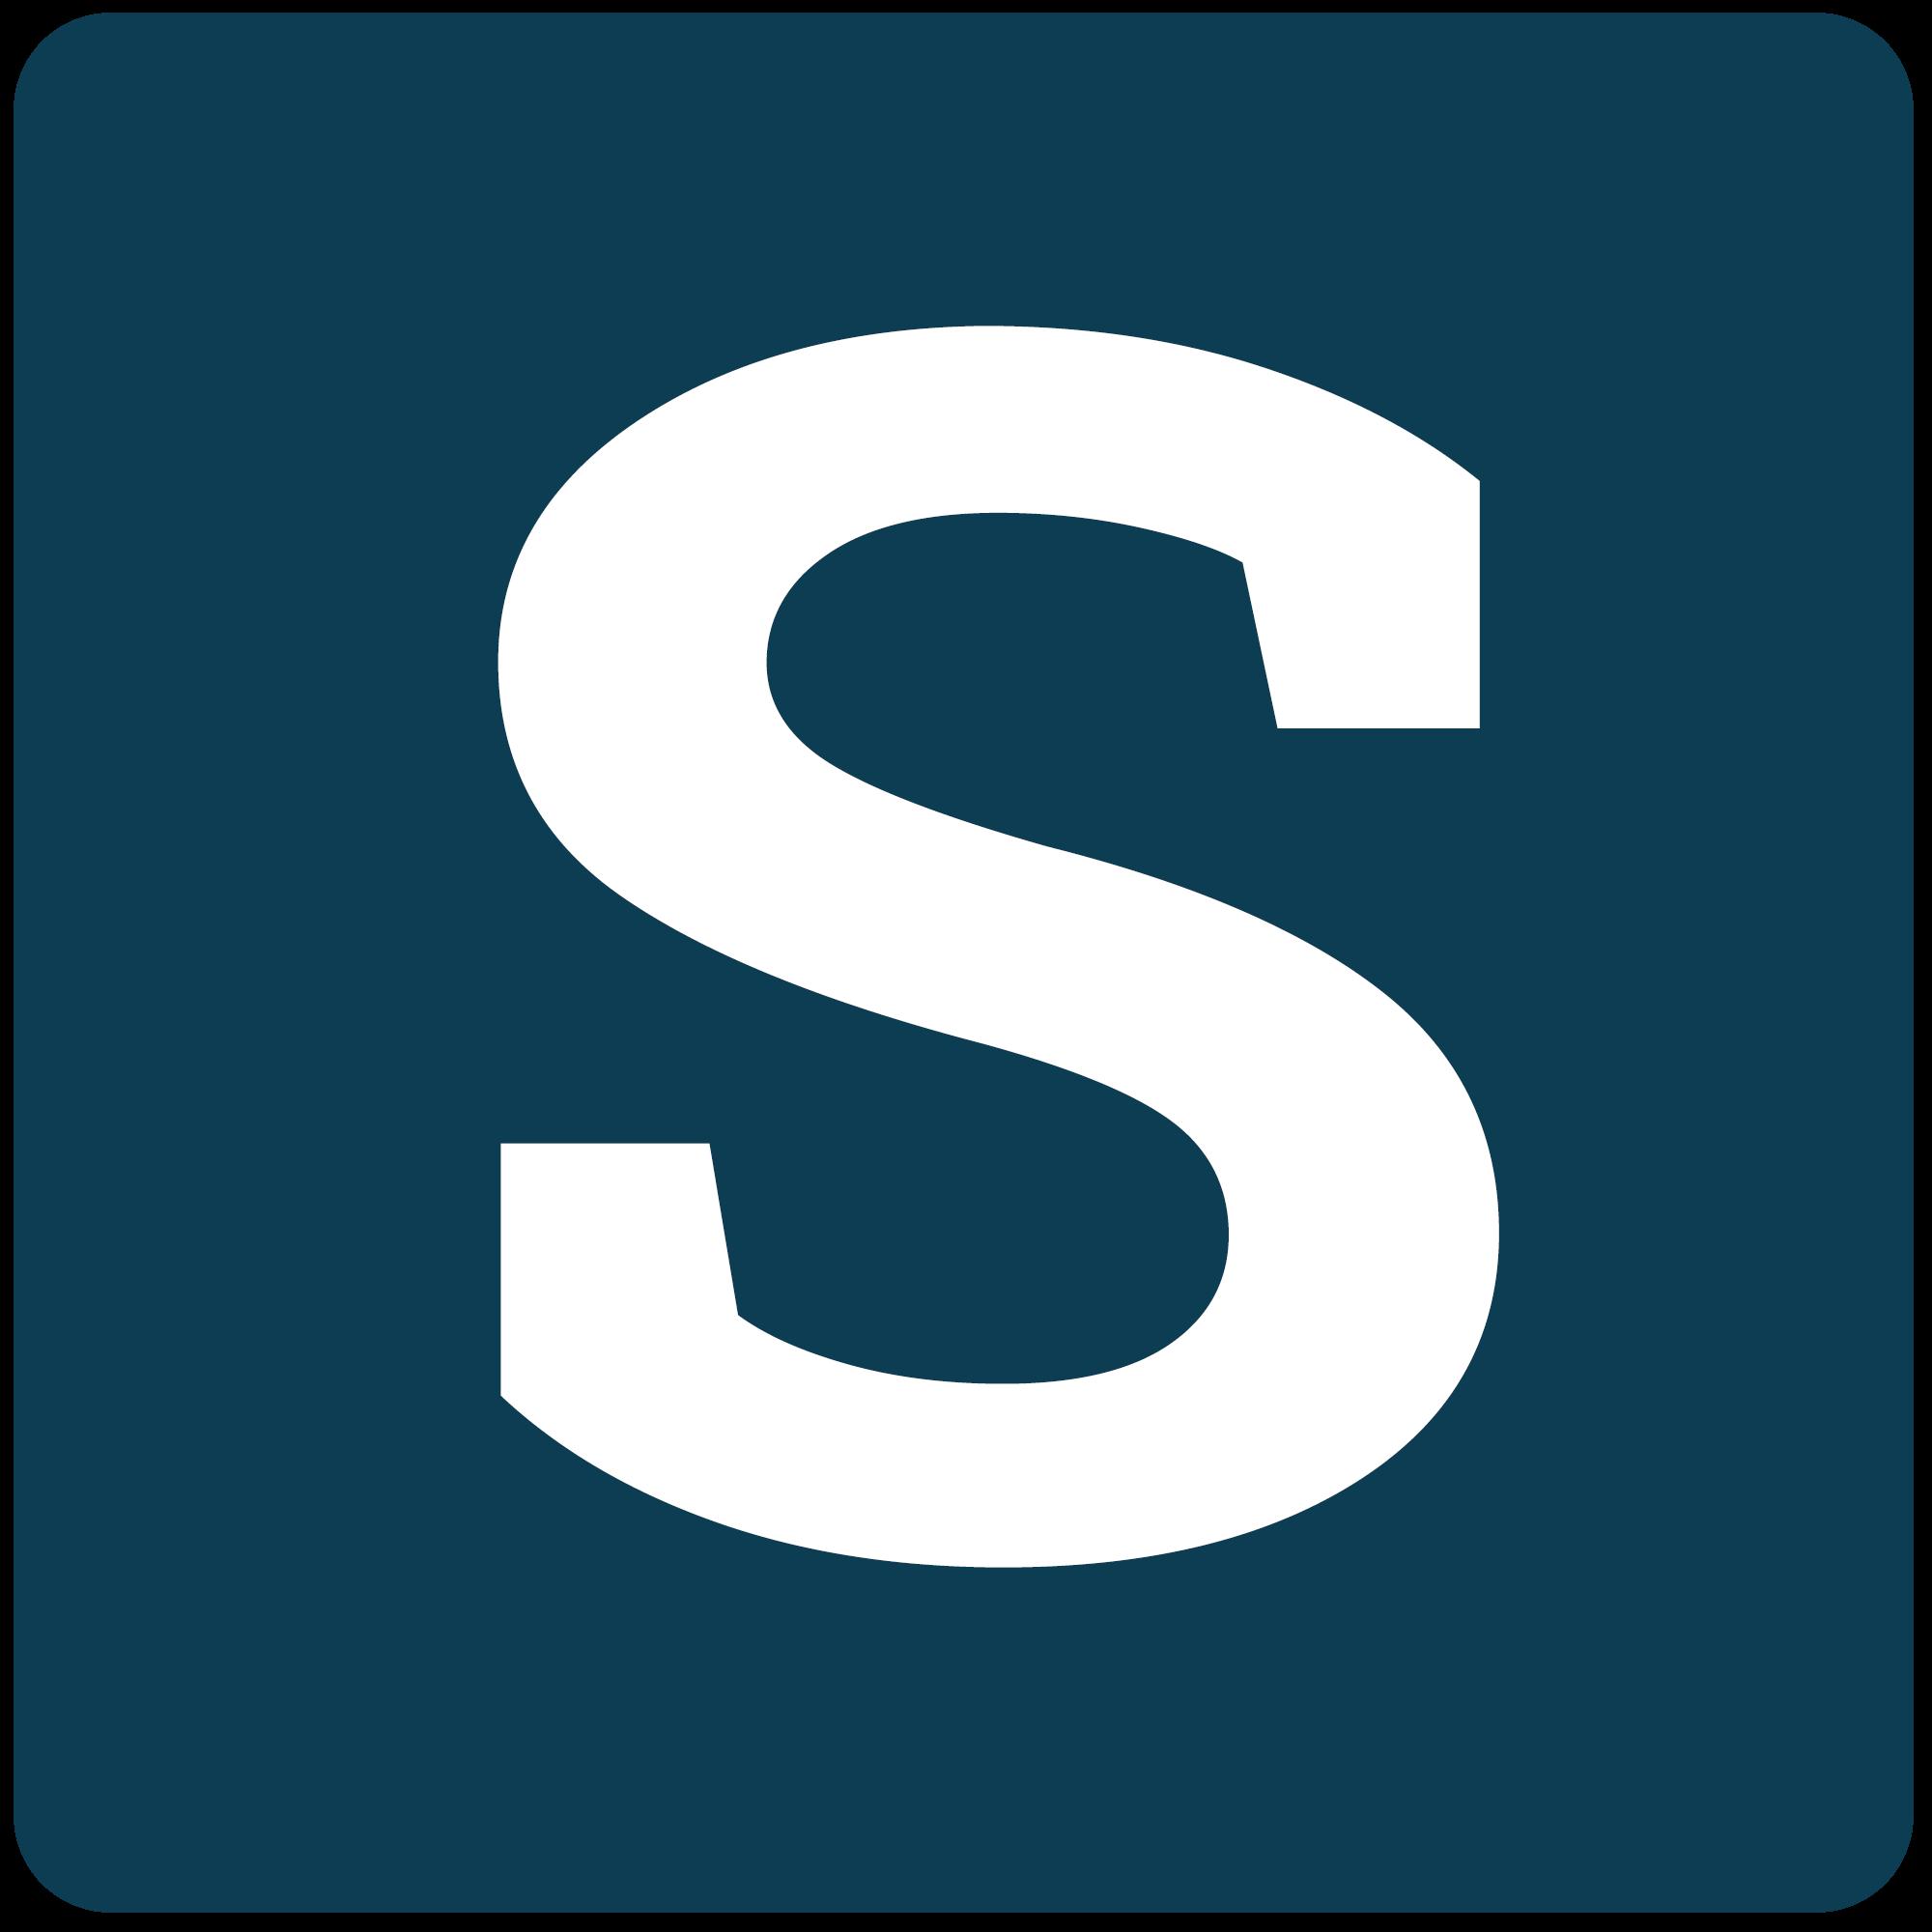 StartupProgram.com Team